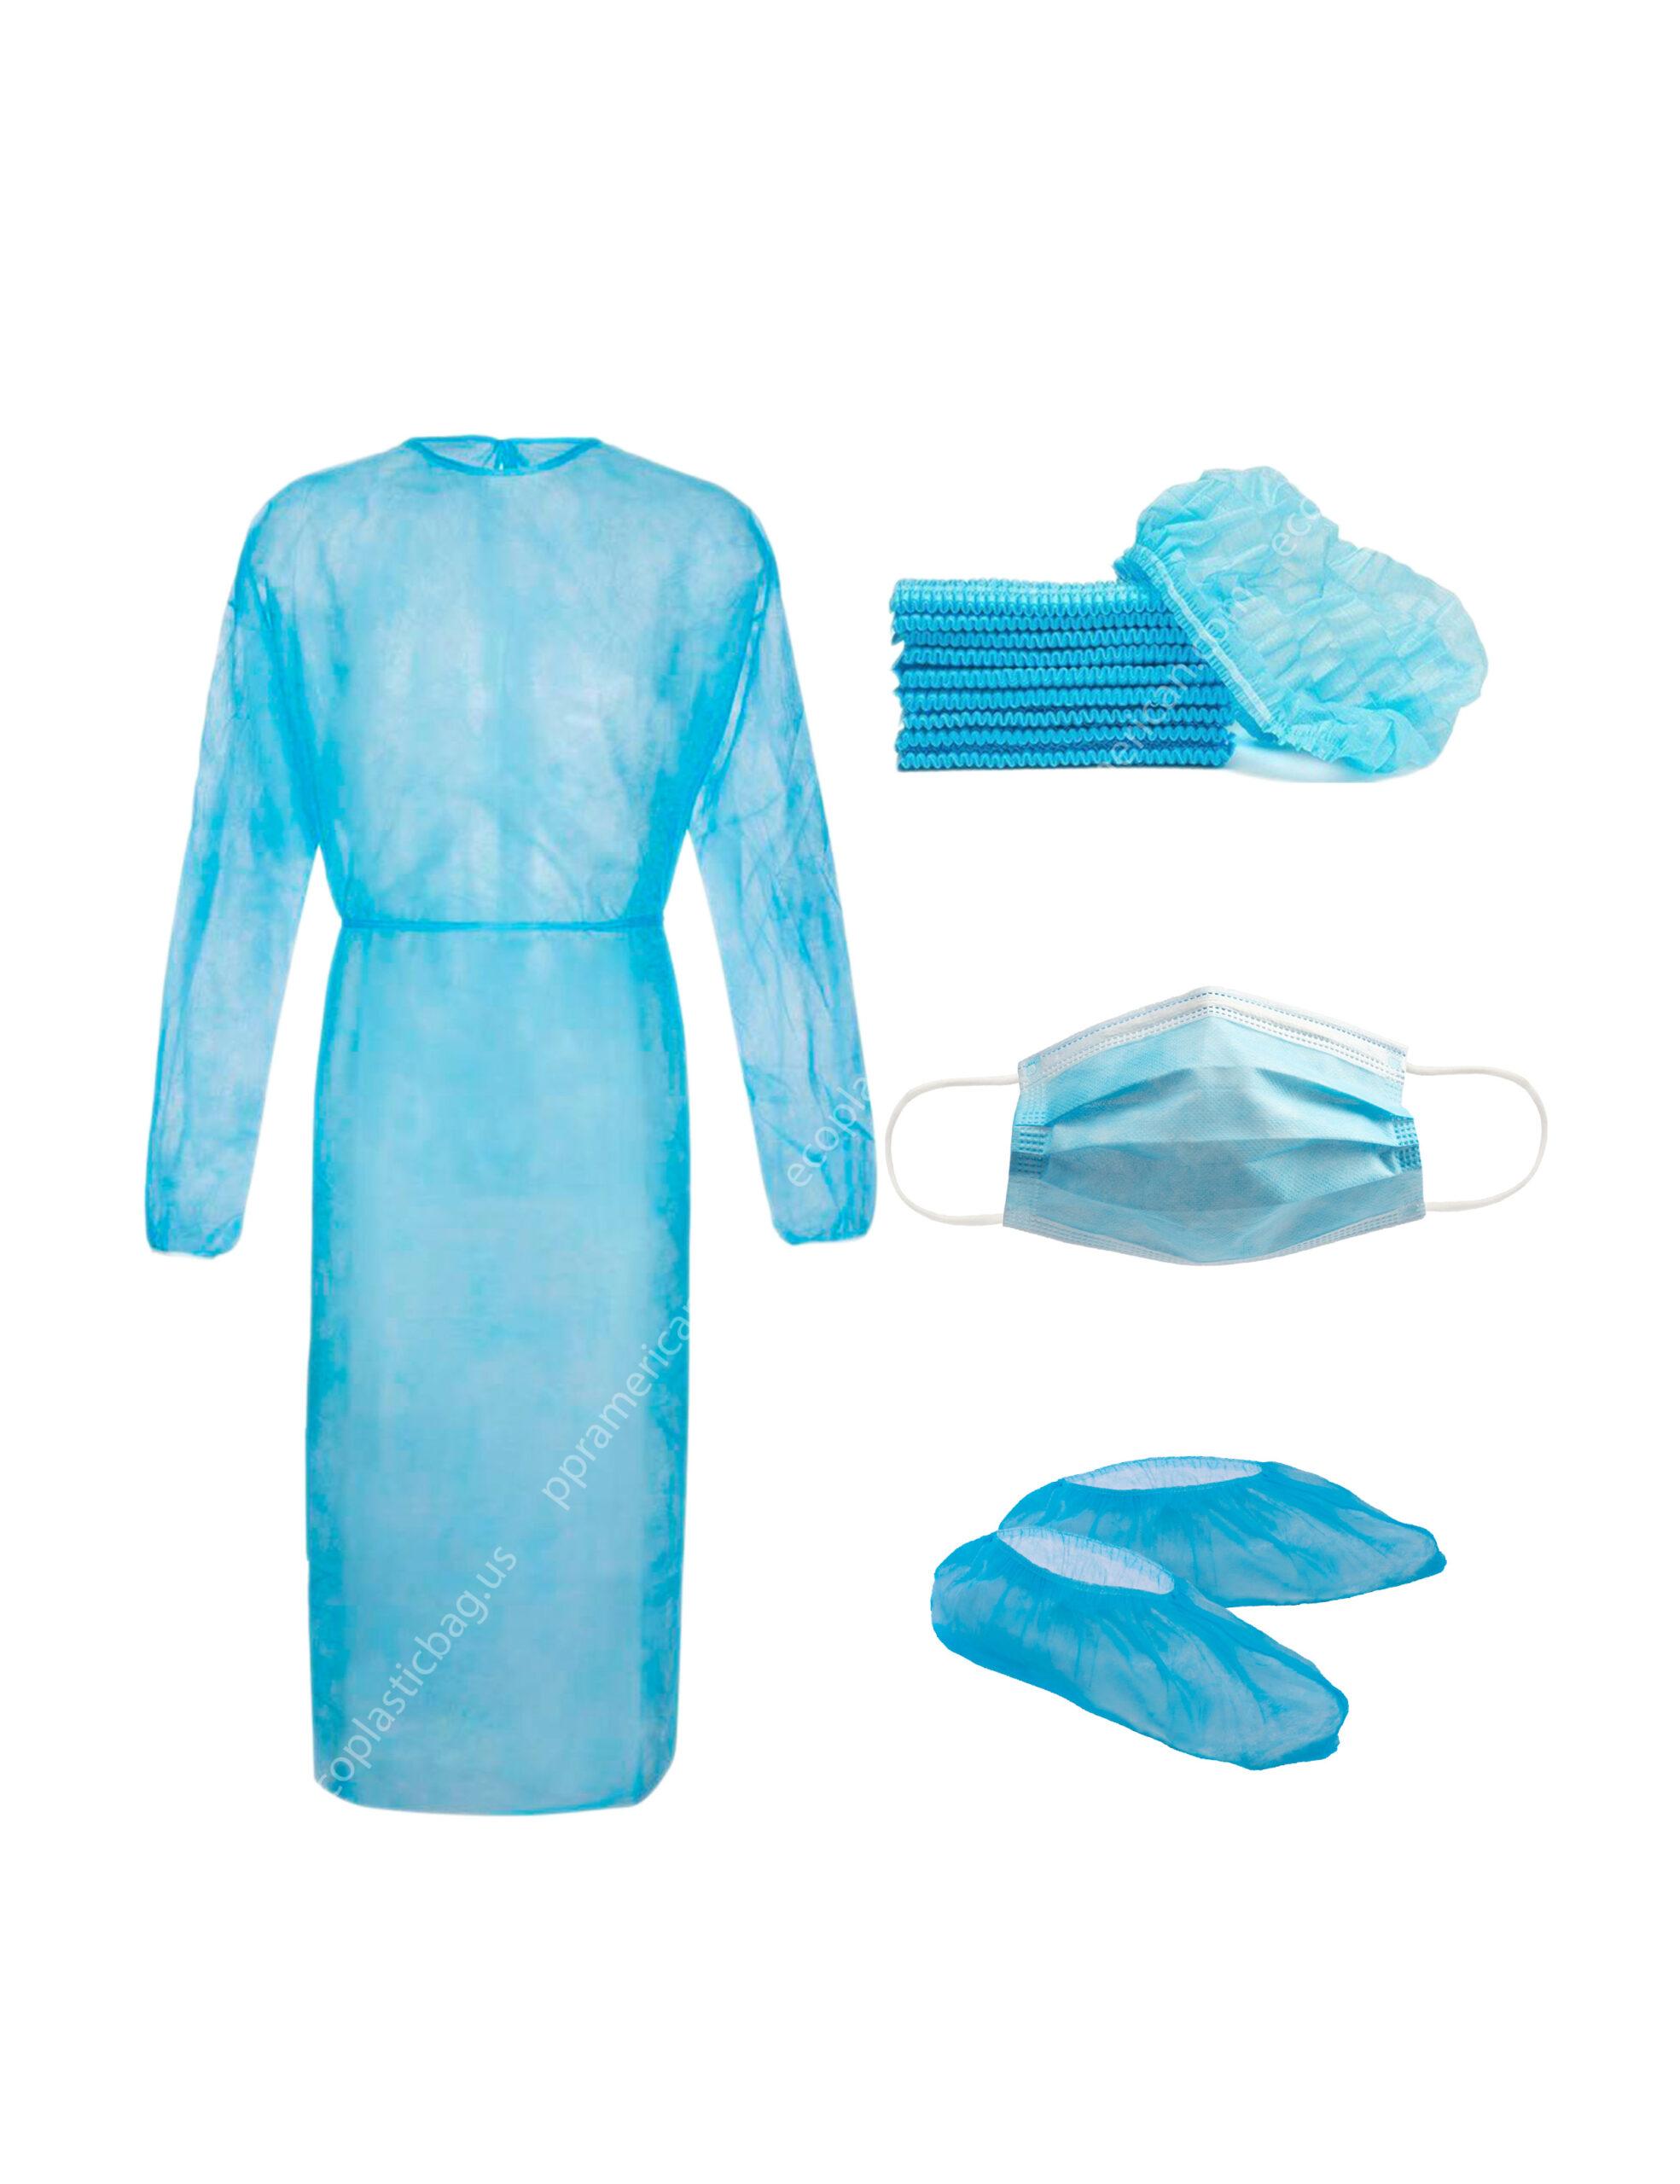 Non-woven disposable protective